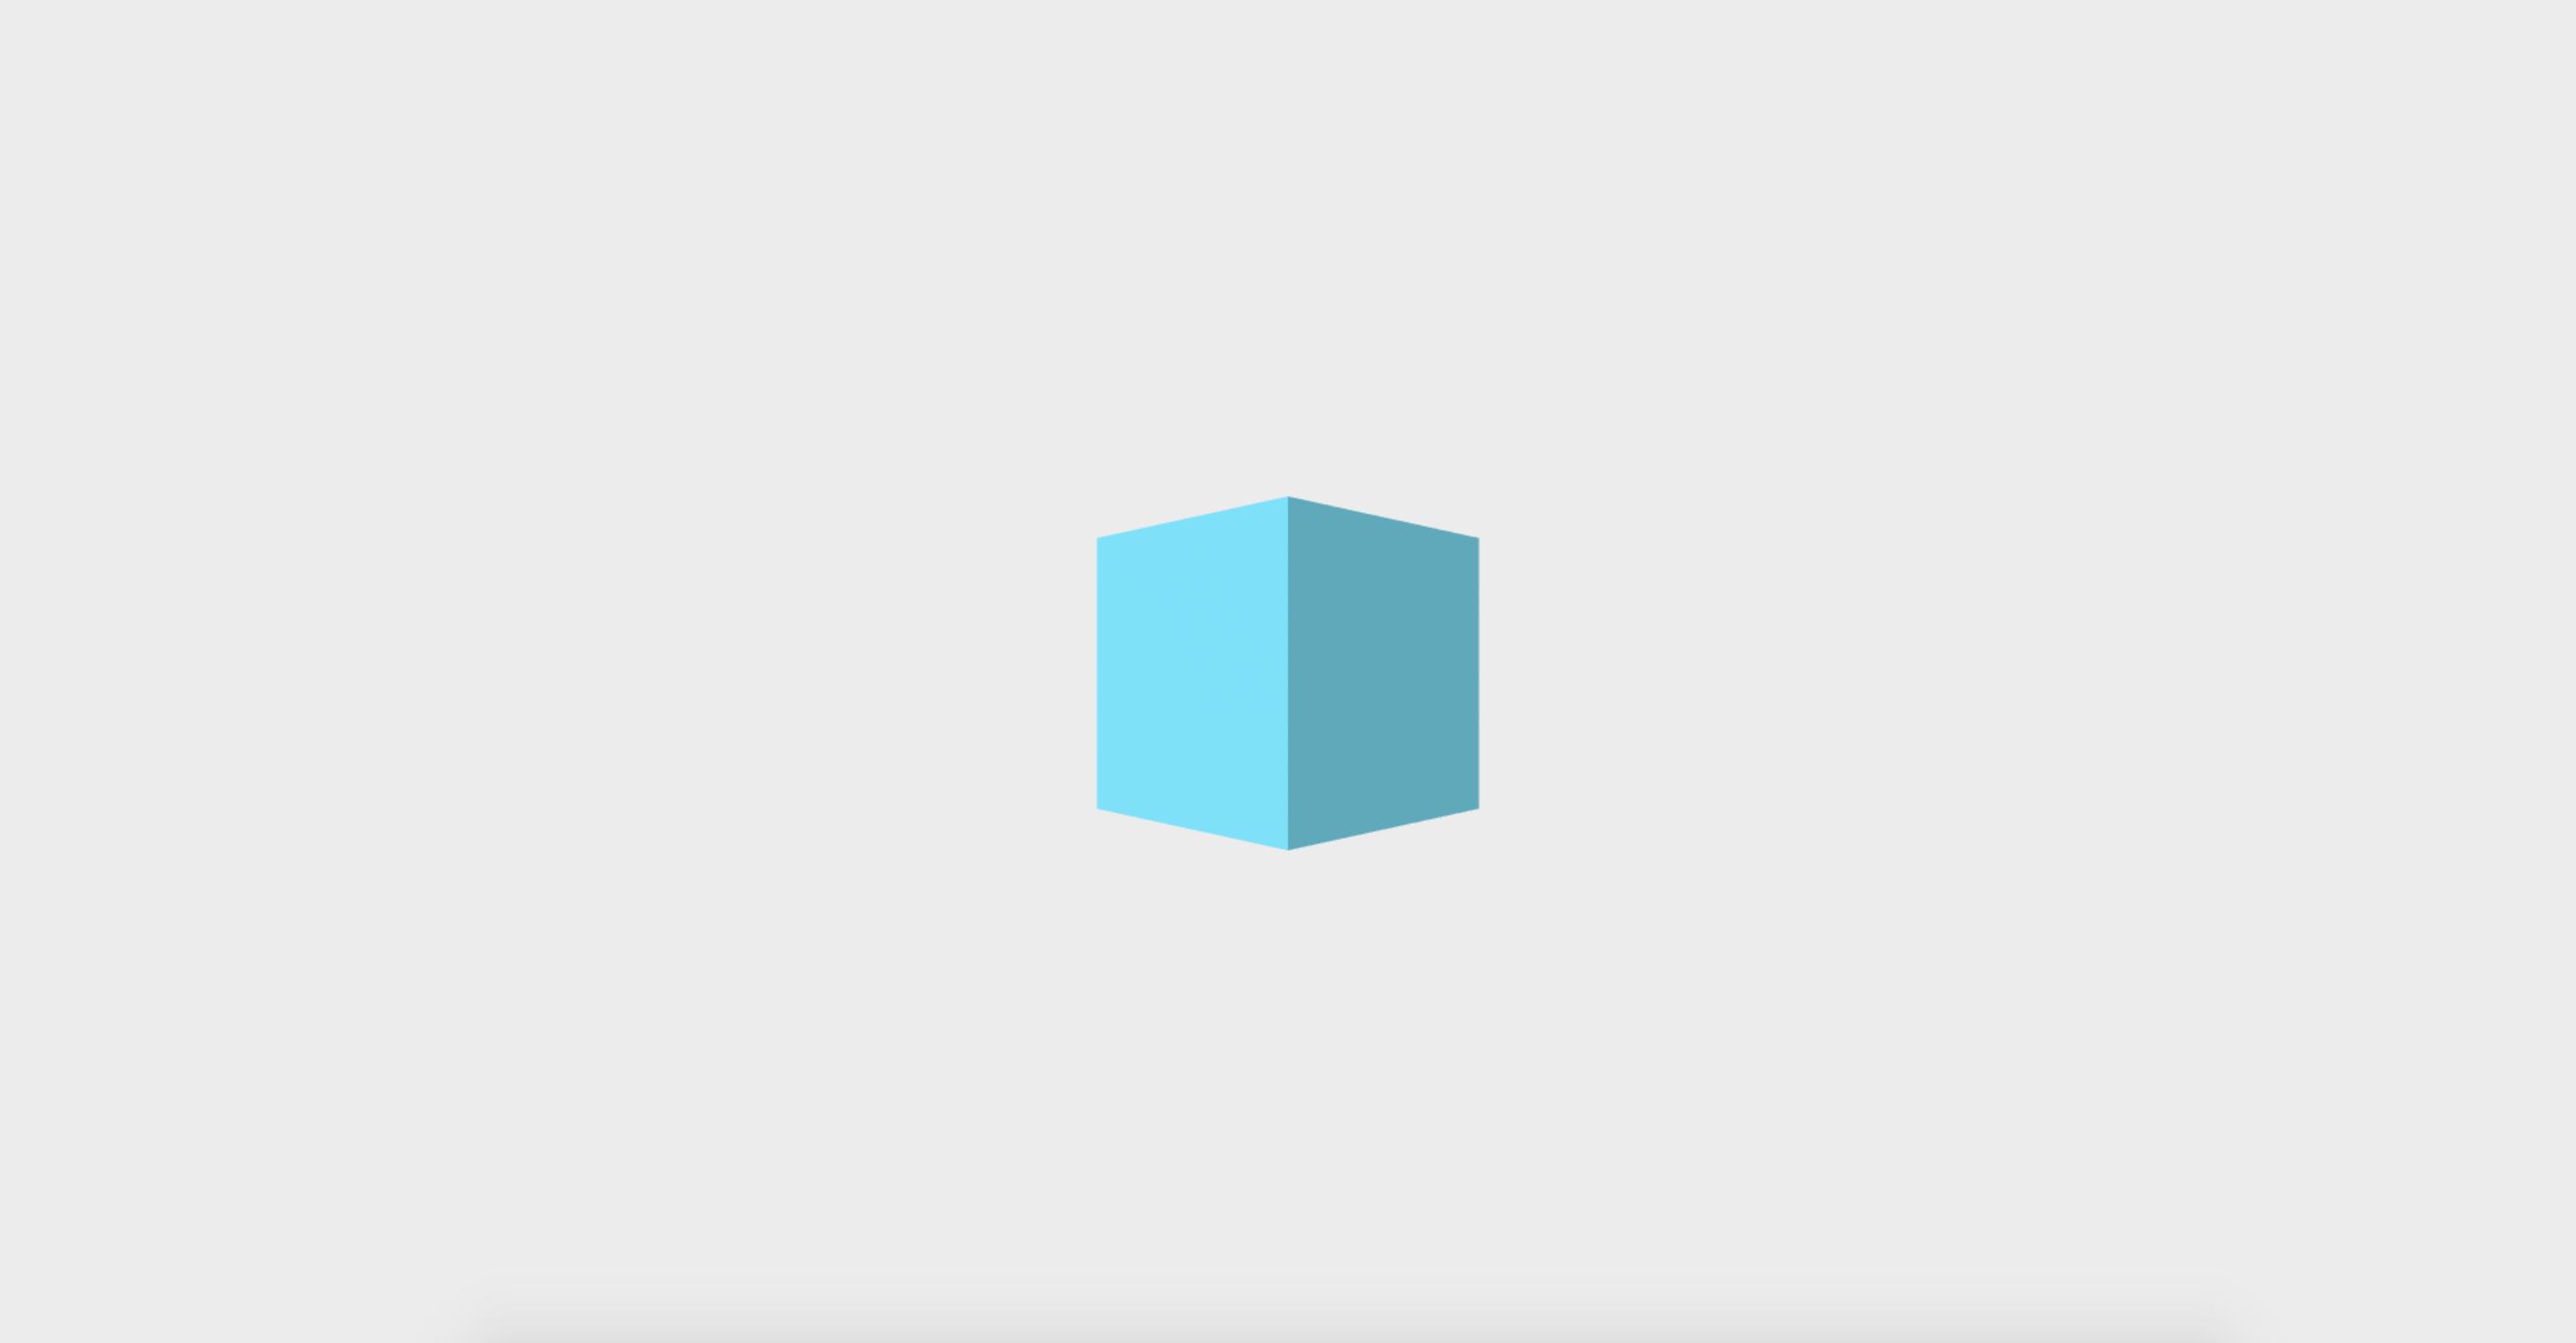 スクリーンショット 2020-11-19 12.03.58.png (170.2 kB)